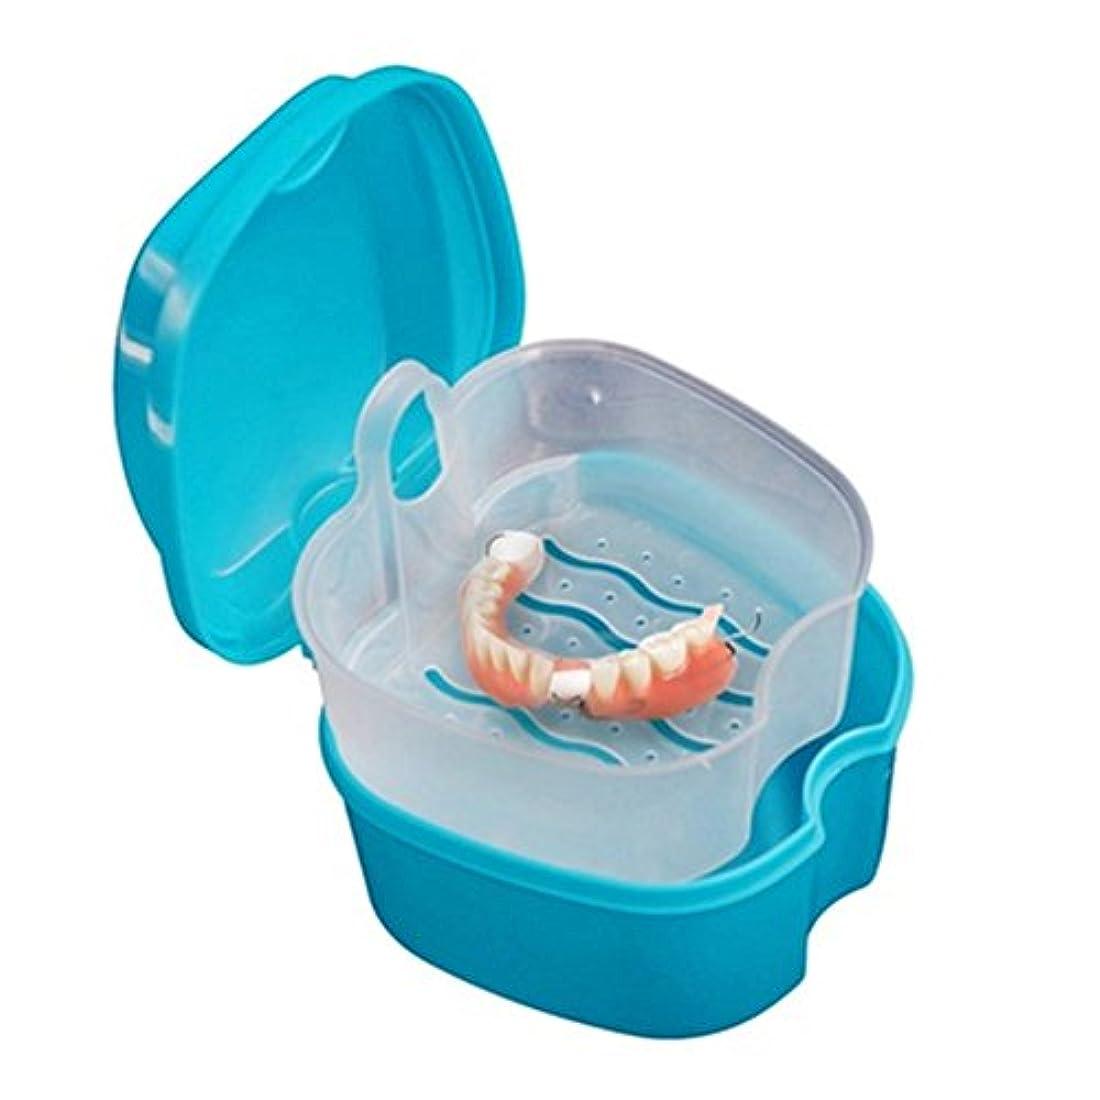 夫回転させる航空会社Cozyrom ネット付き 抗菌加工 乳歯 入れ歯収納ケース 容器 ボック 使いやすい